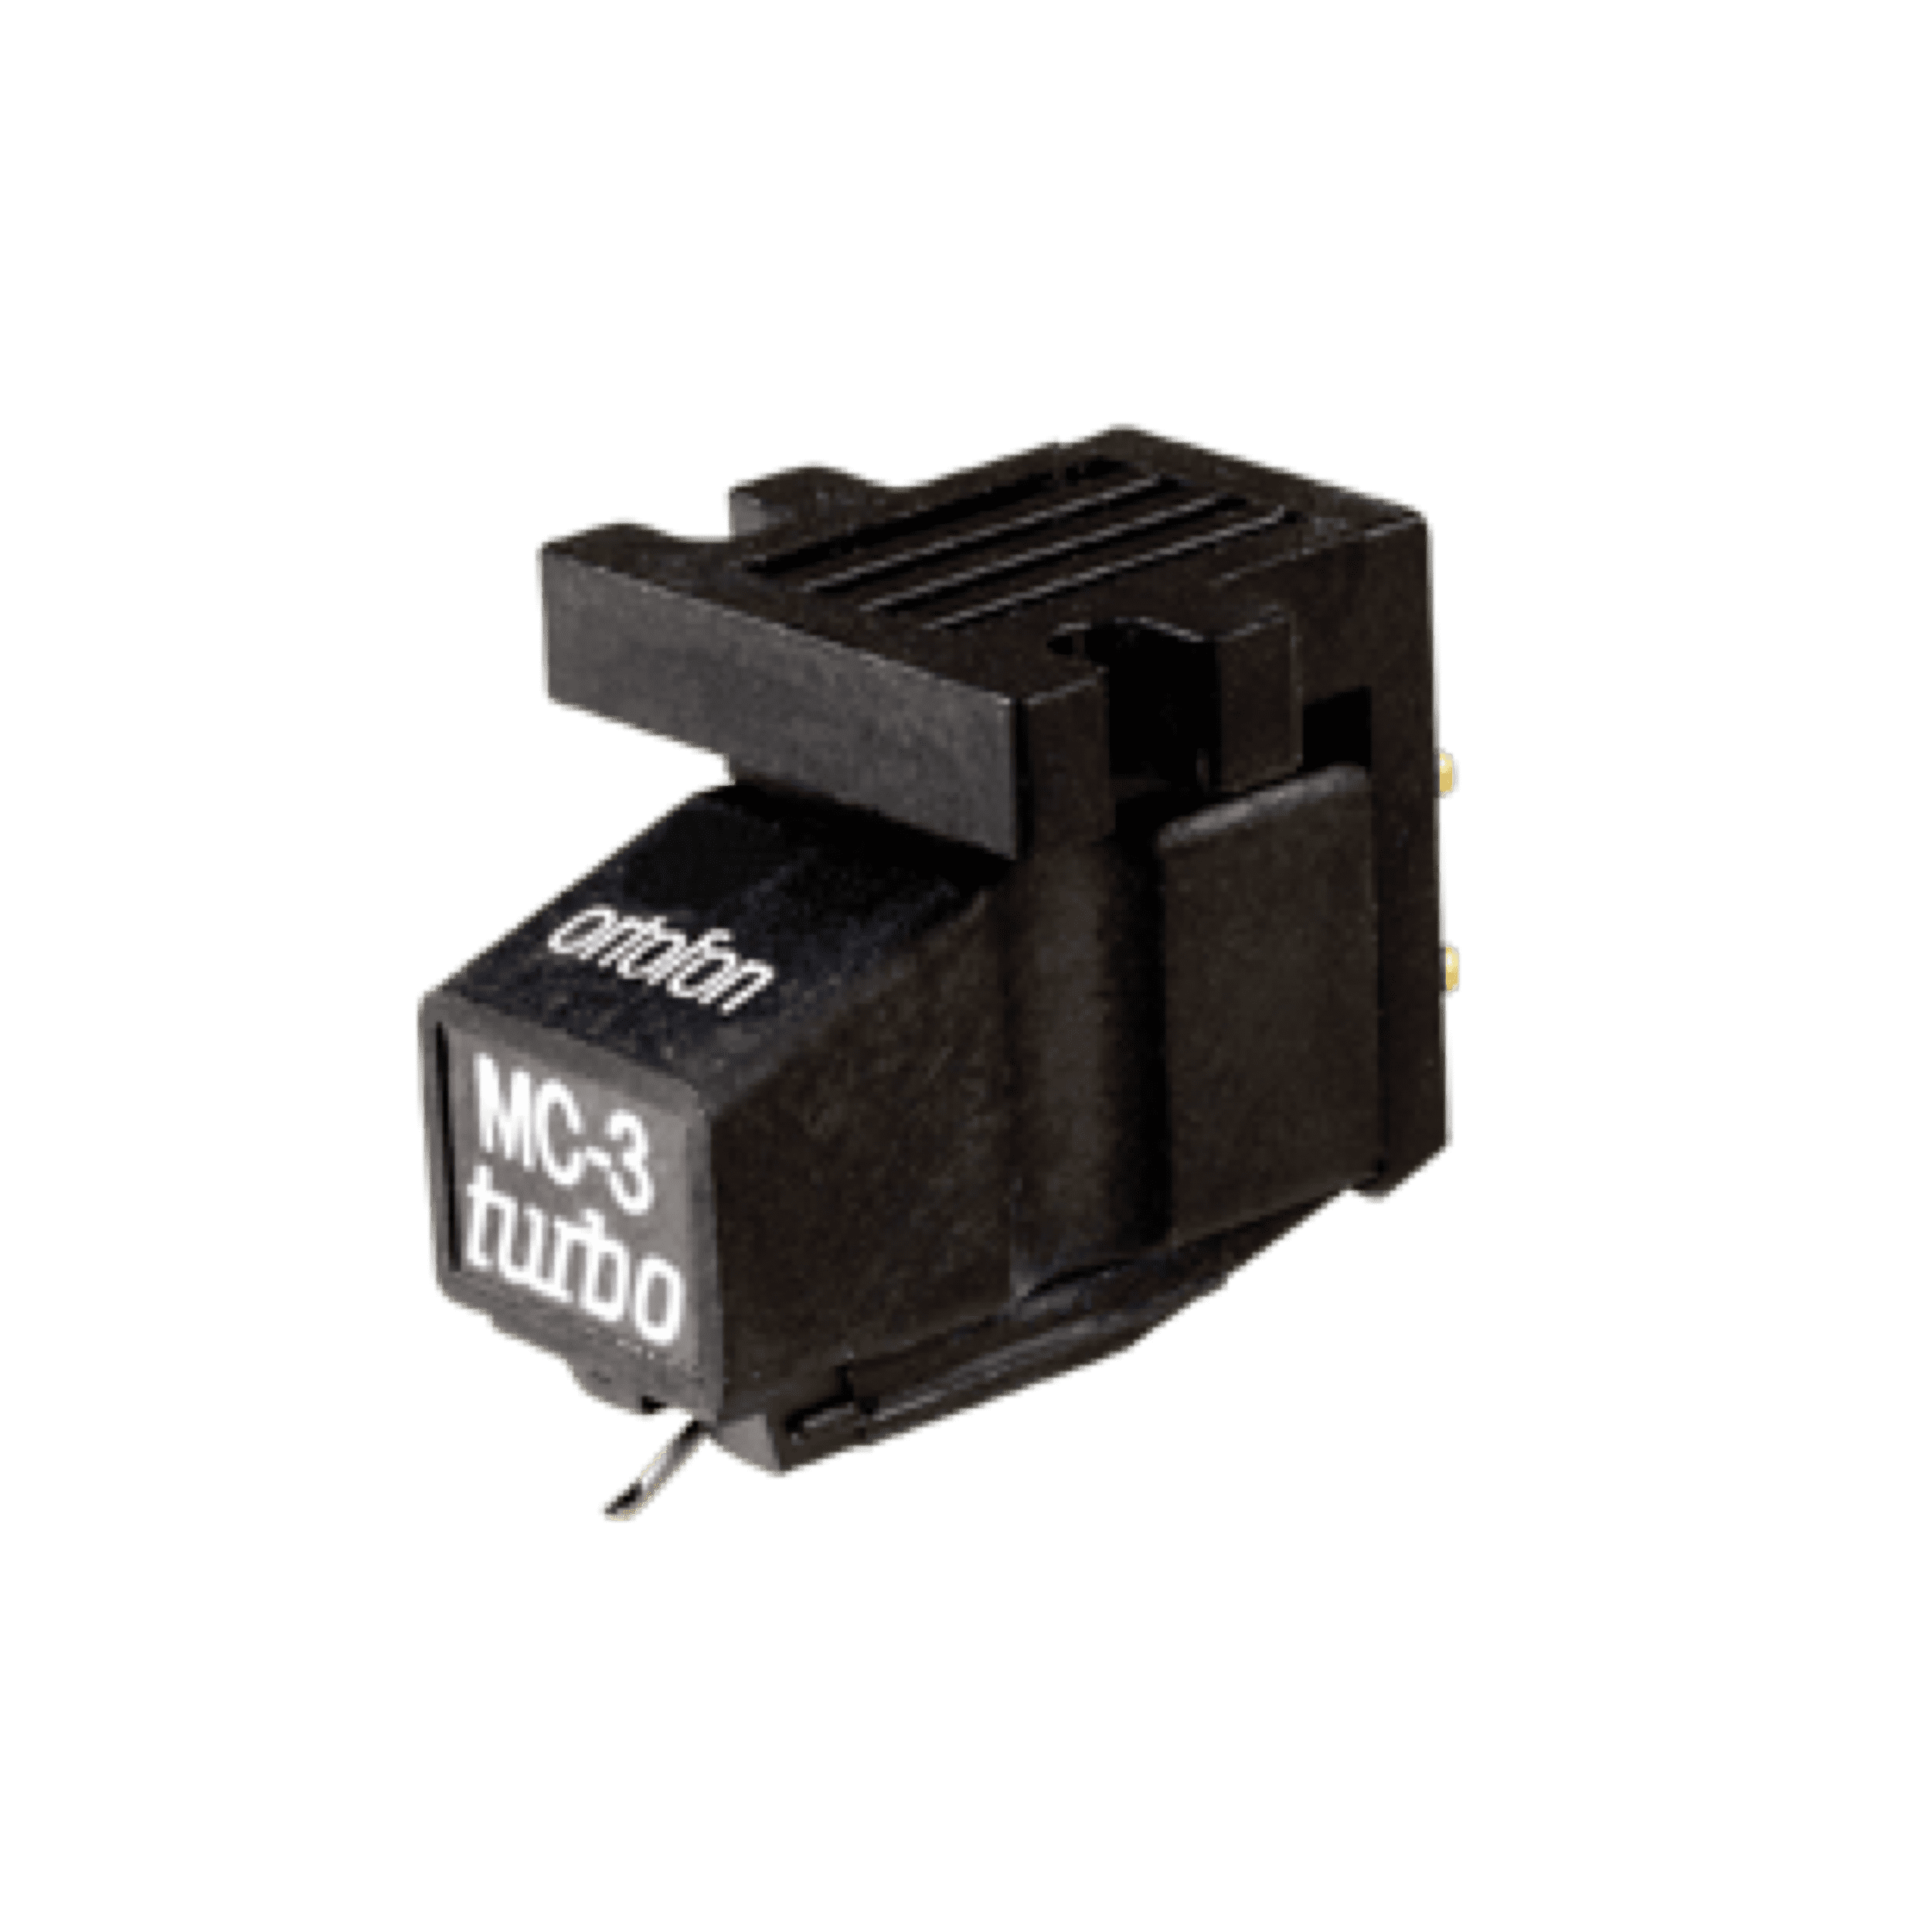 Ortofon MC-3 Turbo Element €380,- - Hifi Limburg